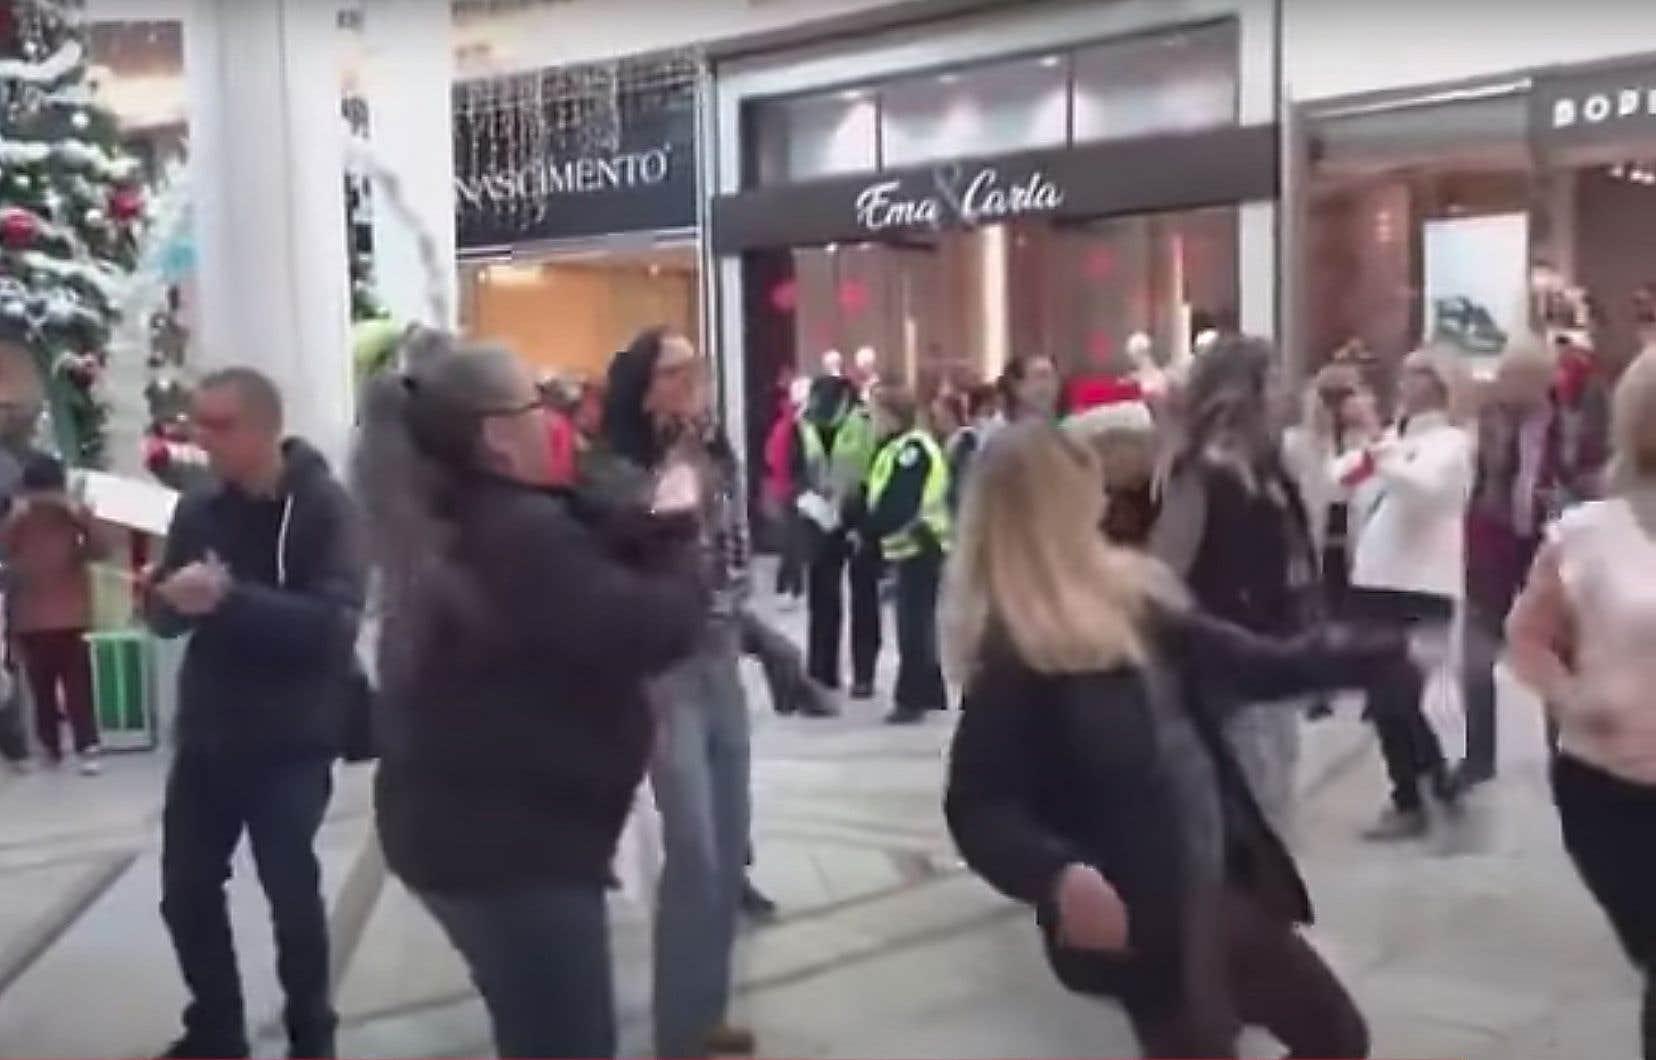 Des policiers ont dispersé samedi après-midi une trentaine de manifestants qui dansaient depuis quelques minutes sans respecter les mesures sanitaires à la Place Rosemère, un centre commercial au nord de Montréal.